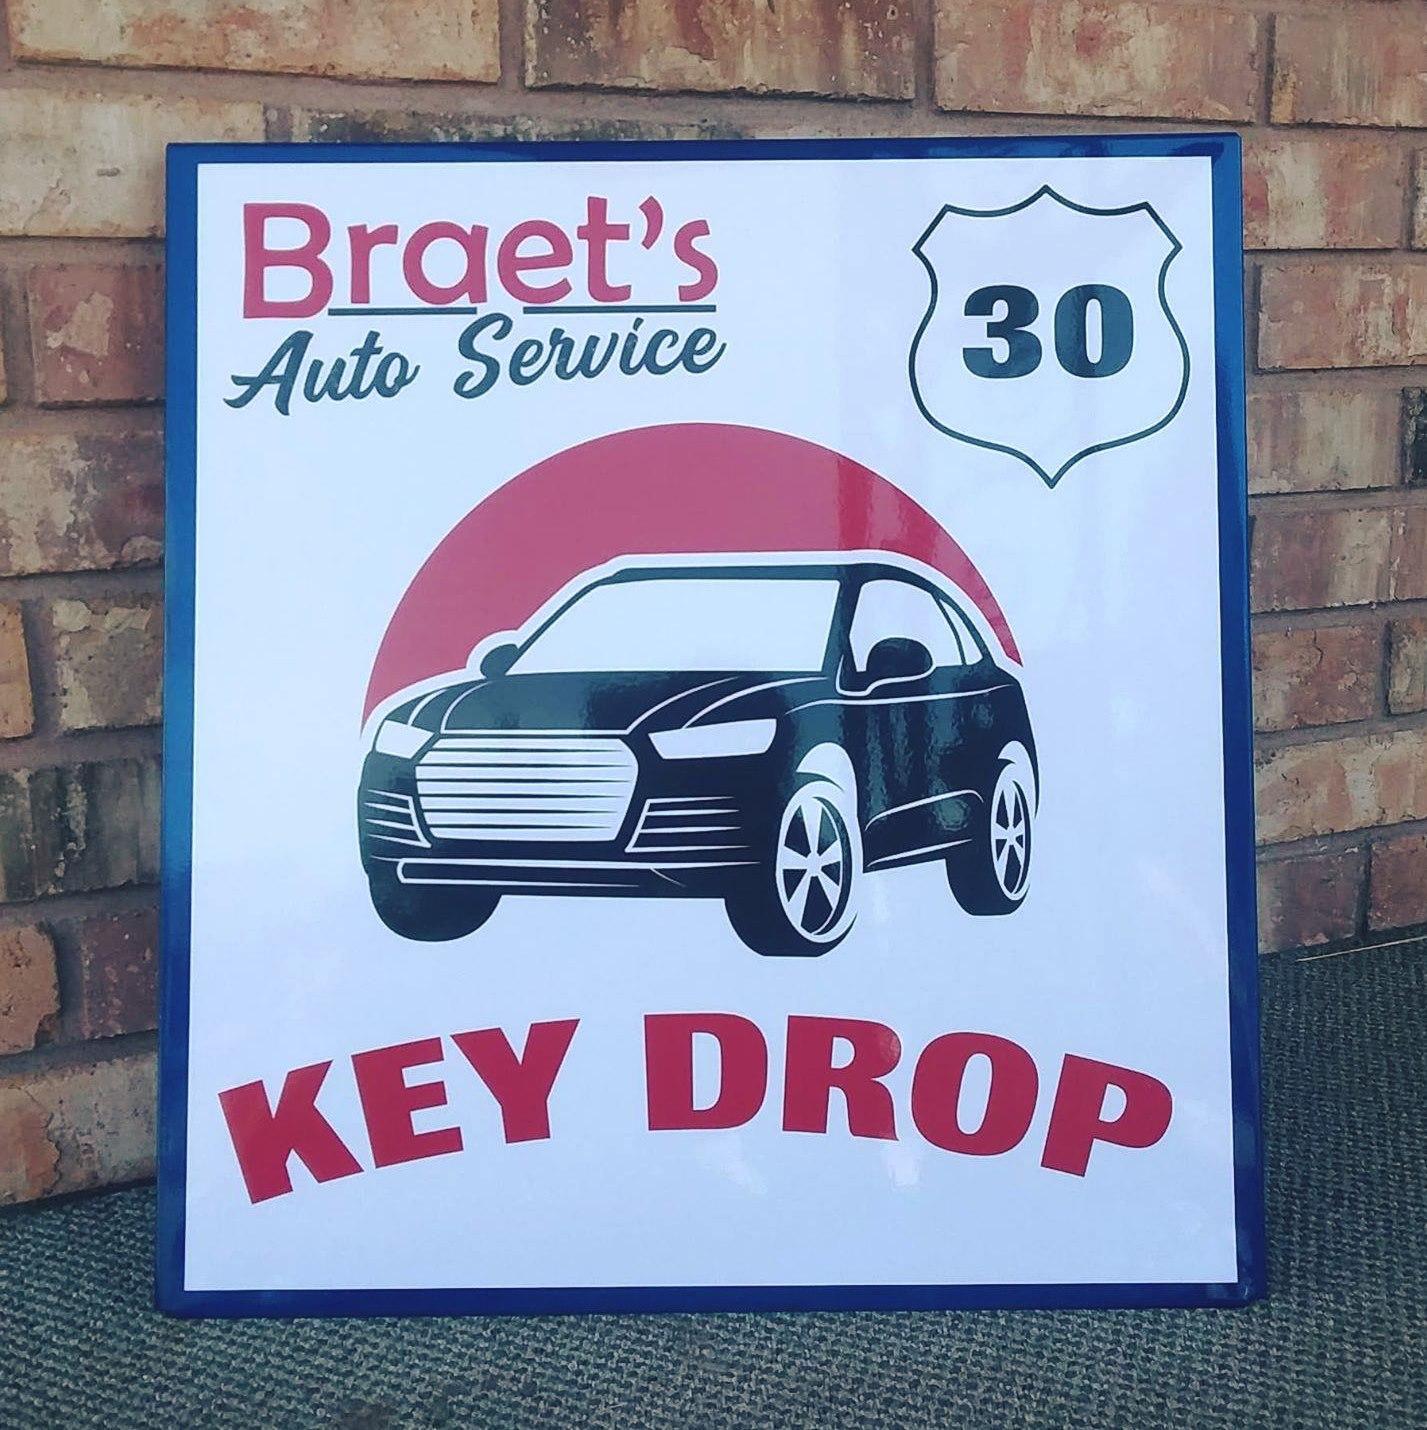 Braet's Auto Service